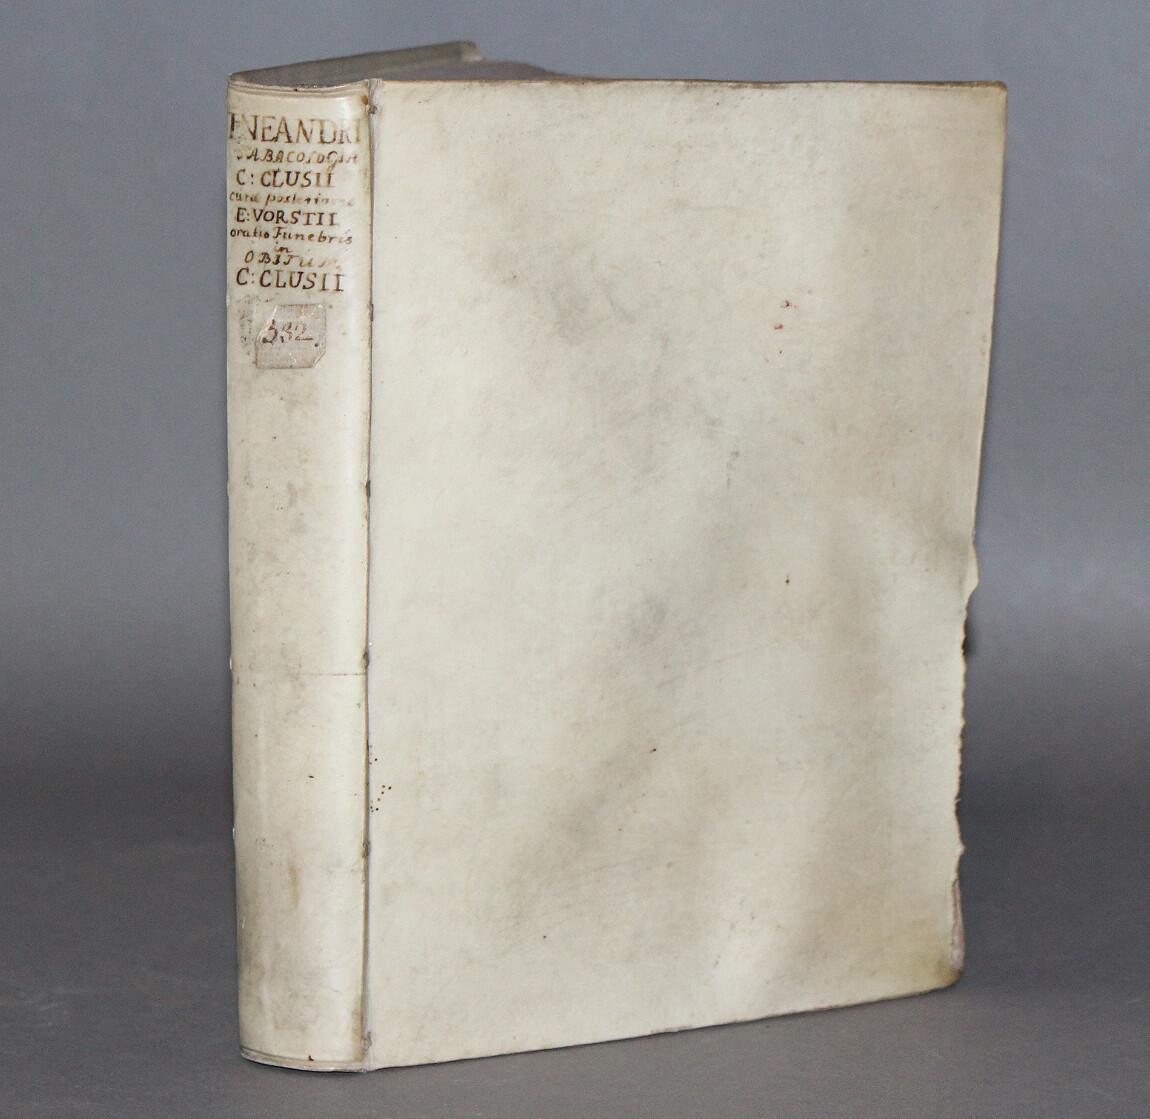 """NEANDER.- La meilleure édition du """"Traité du tabac"""" de Neander reliée avec l'édition originale des """"Œuvres posthumes"""" de Charles de L'Ecluse, 1626."""